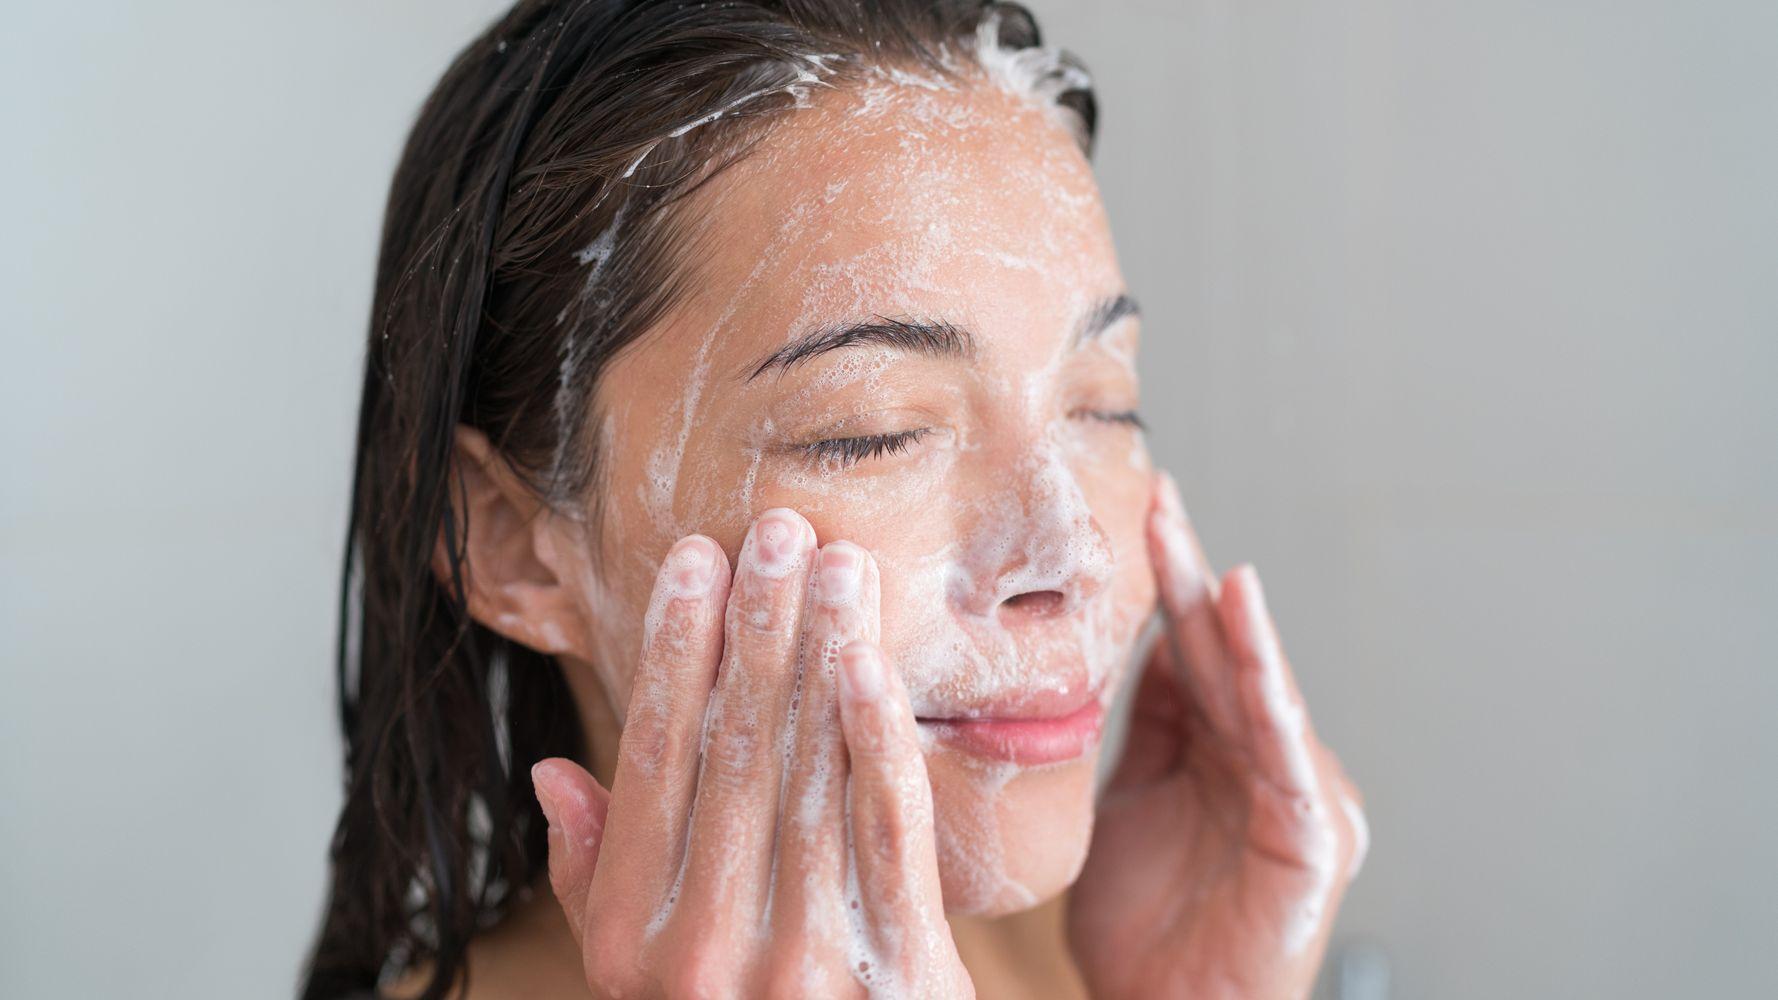 Πλένετε σωστά το πρόσωπό σας; Η πλειονότητα του κόσμου πάντως το κάνει λάθος!